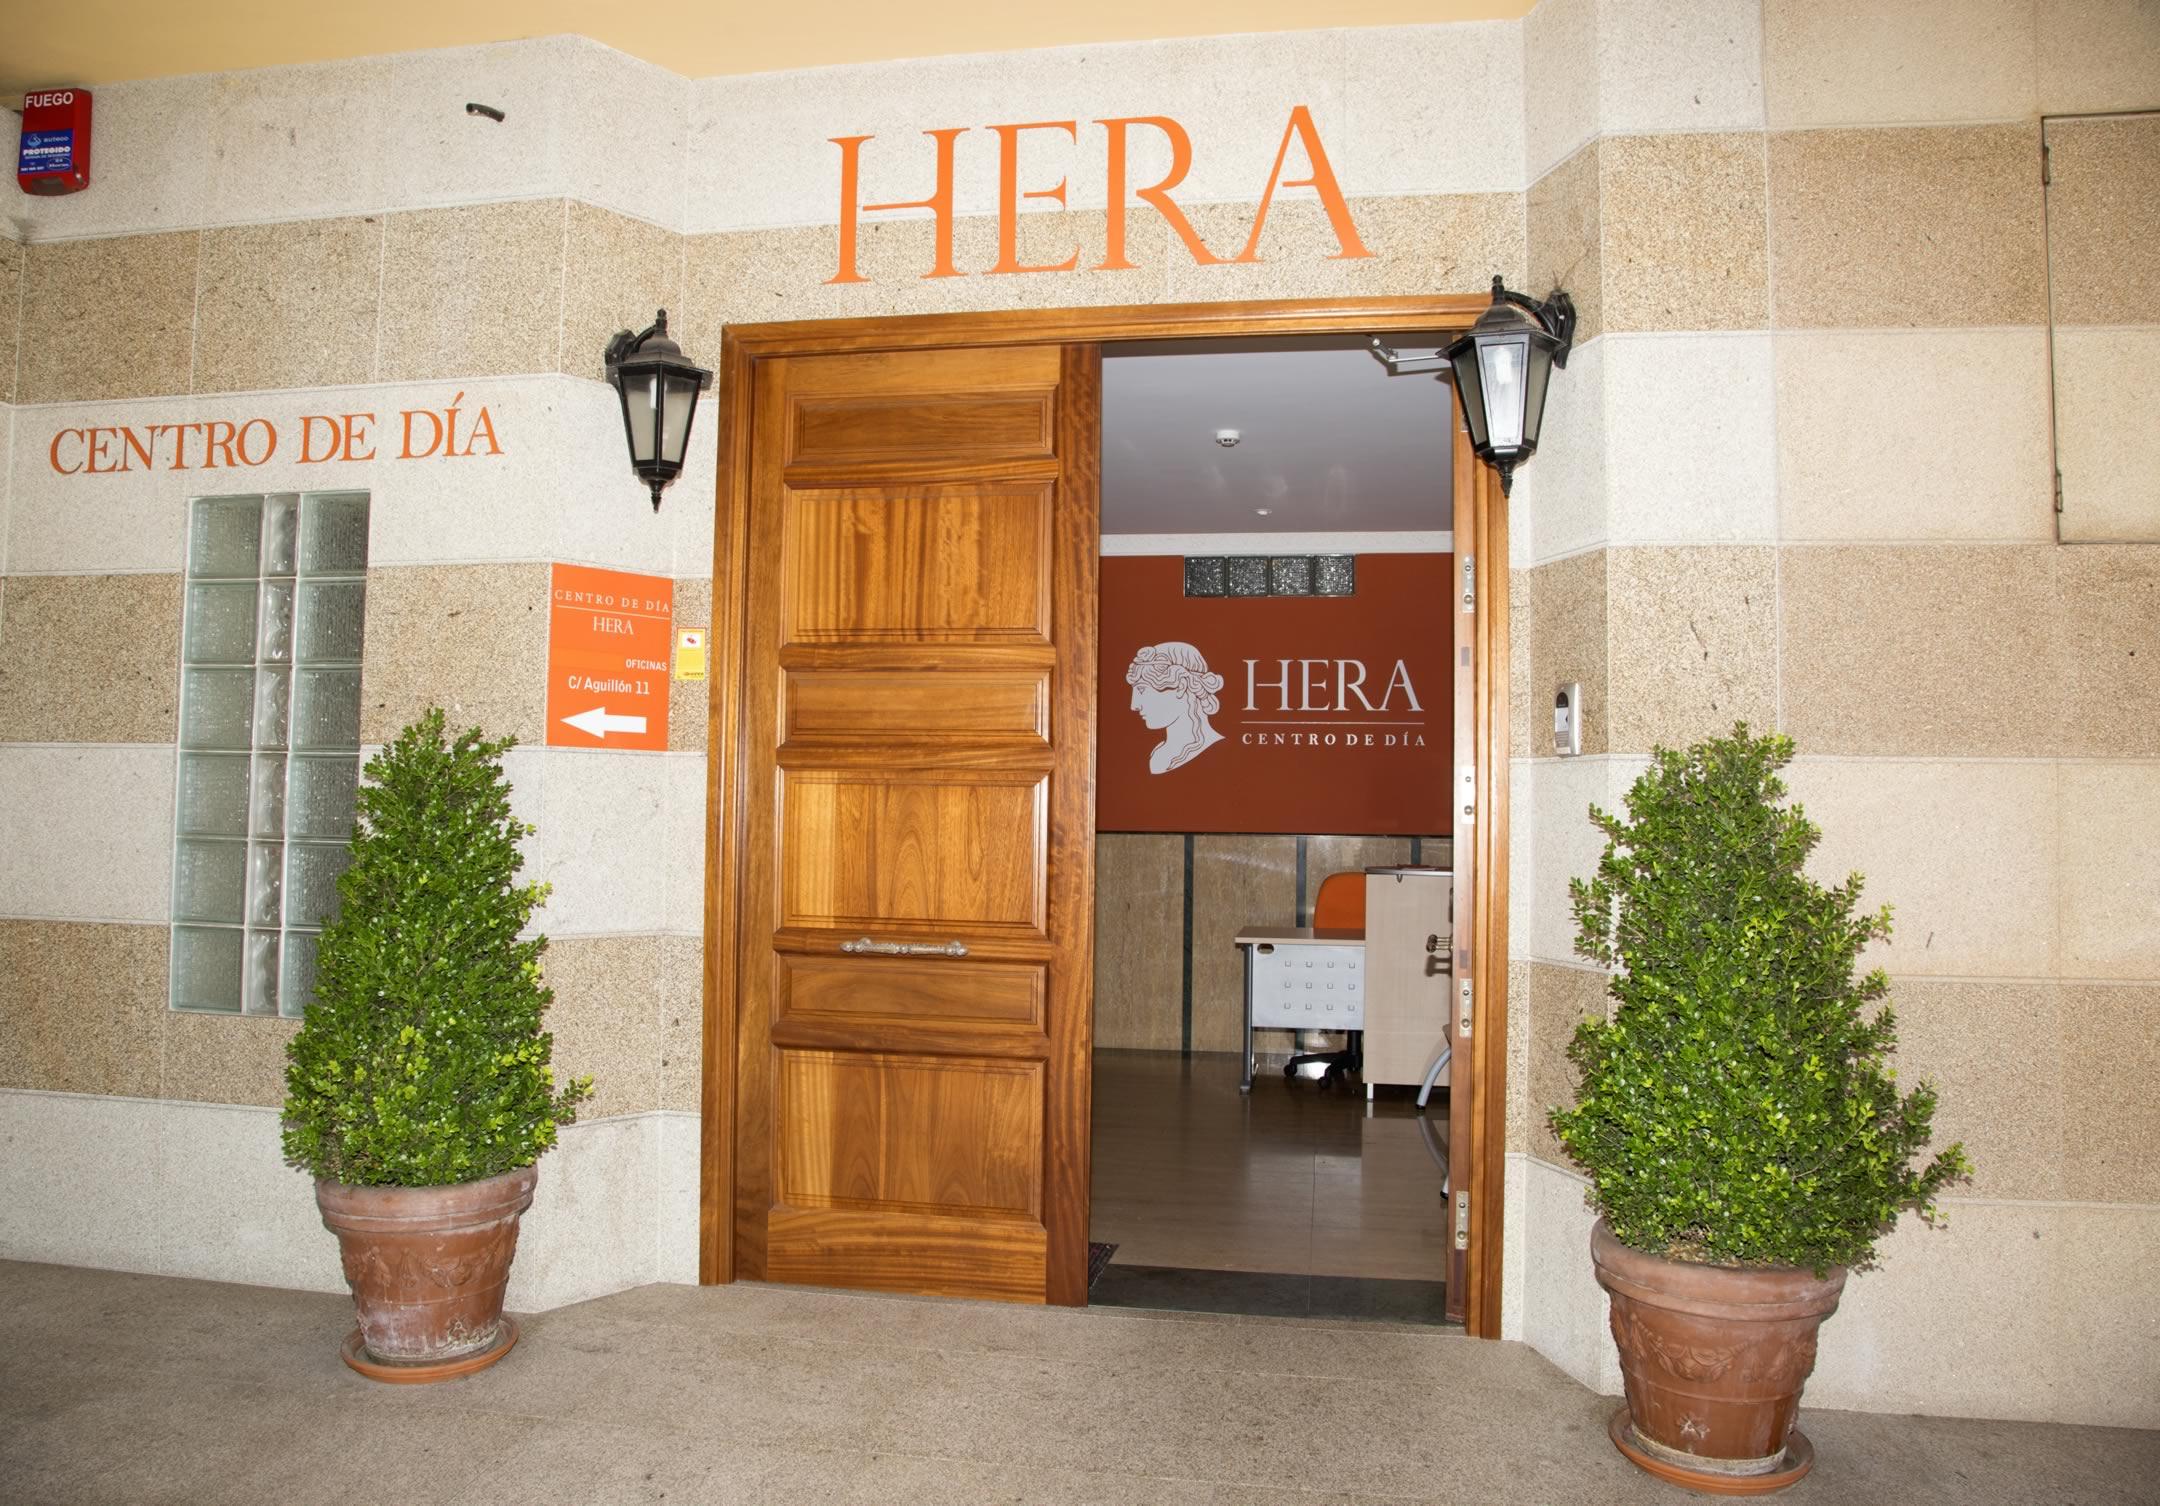 Entrada Hera Centro de día A Coruña